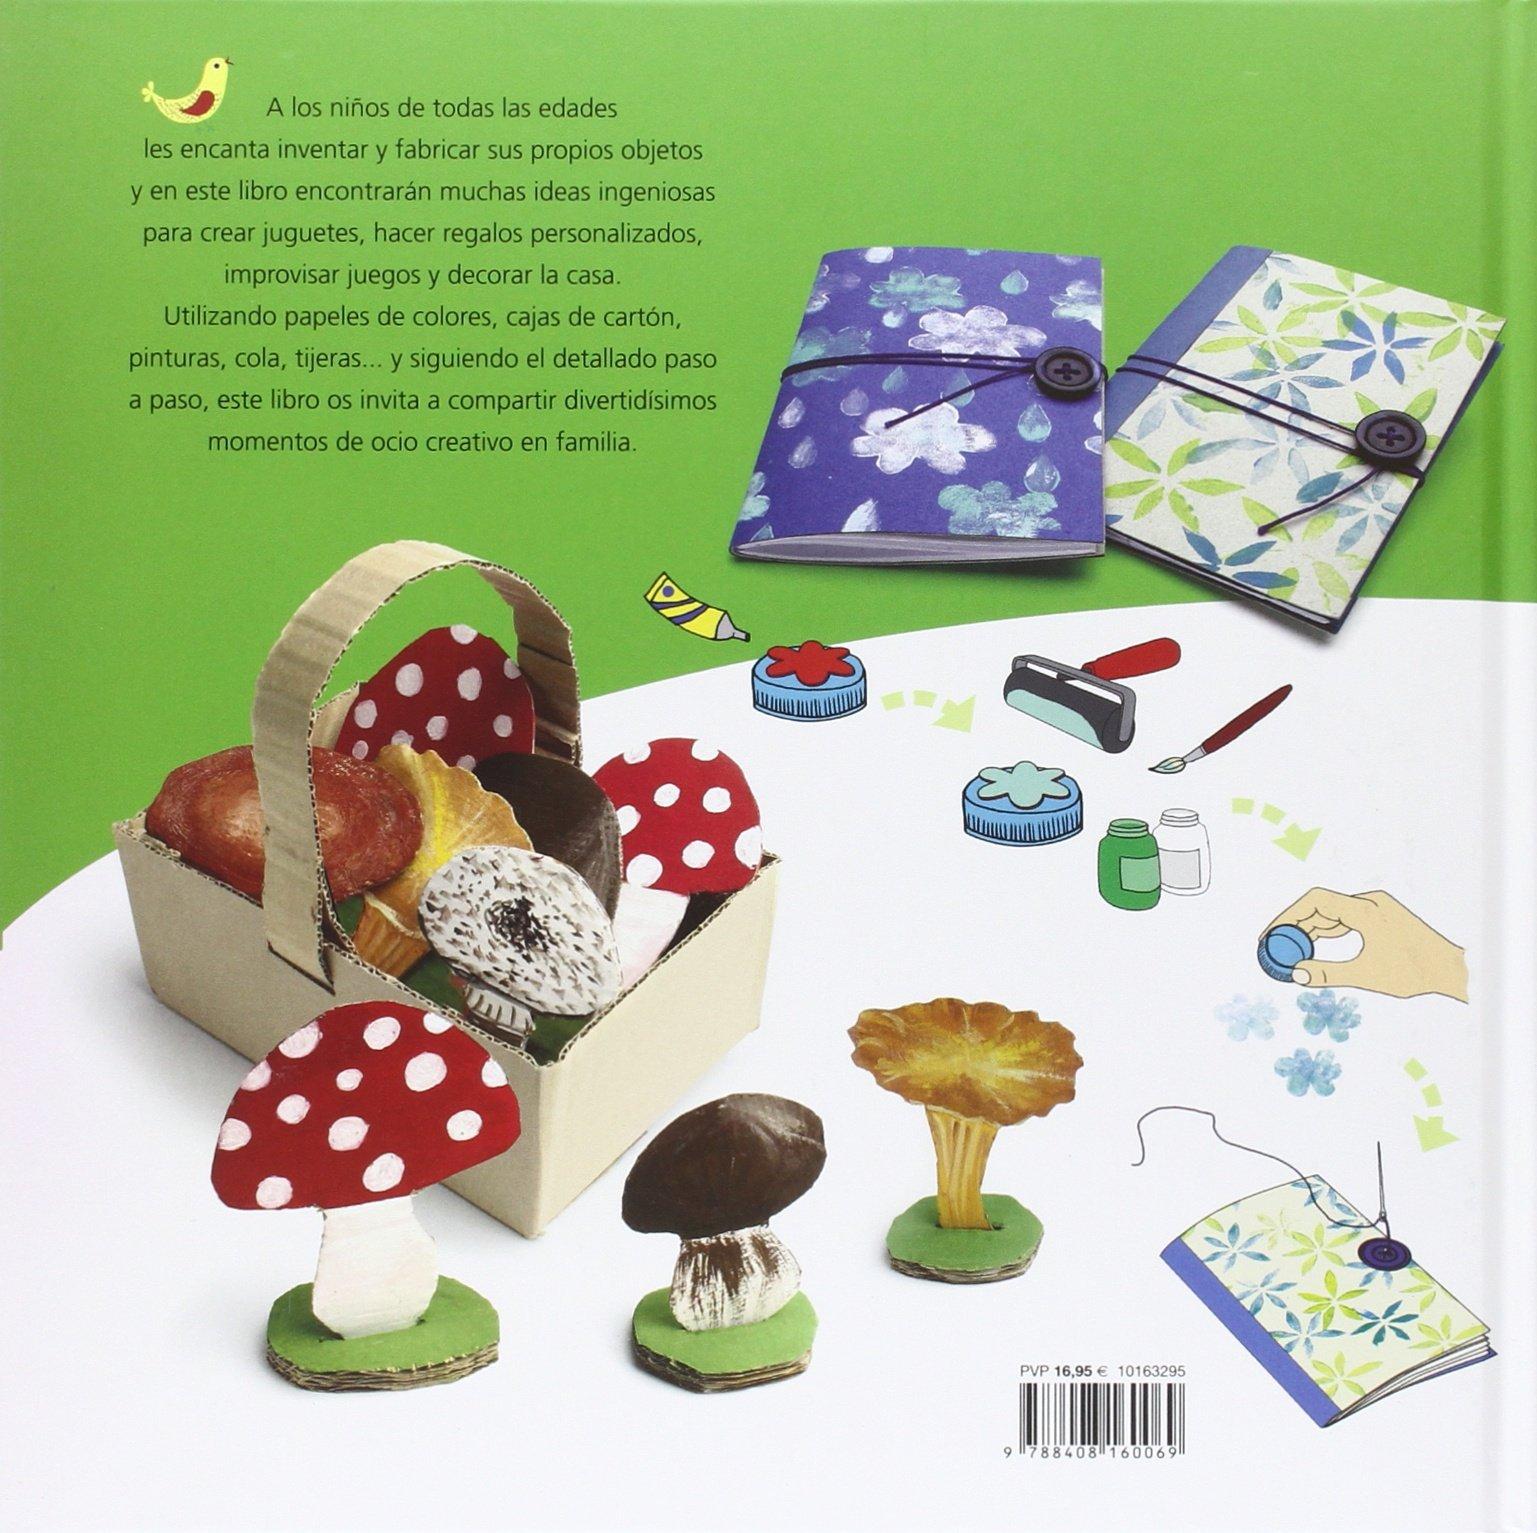 Manualidades divertidas para el tiempo libre: Beatriz Rivera Marinel.lo: 9788408160069: Amazon.com: Books